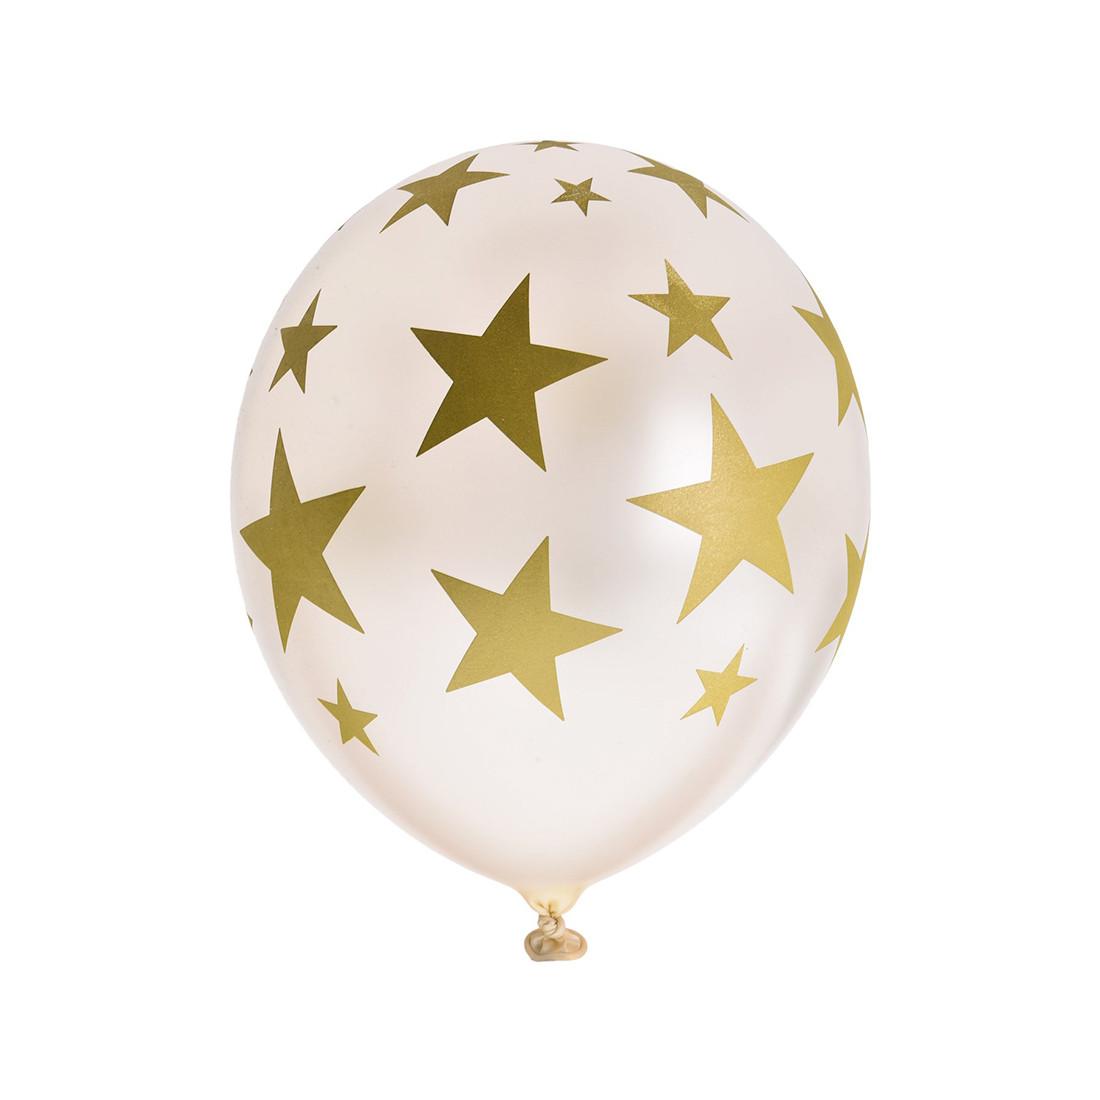 Воздушные шарики  ВЕСЁЛАЯ ЗАТЕЯ  1111-0947  Звезды  (5 шт. в пакете)  Шелкография  Размер 36 см  Латекс